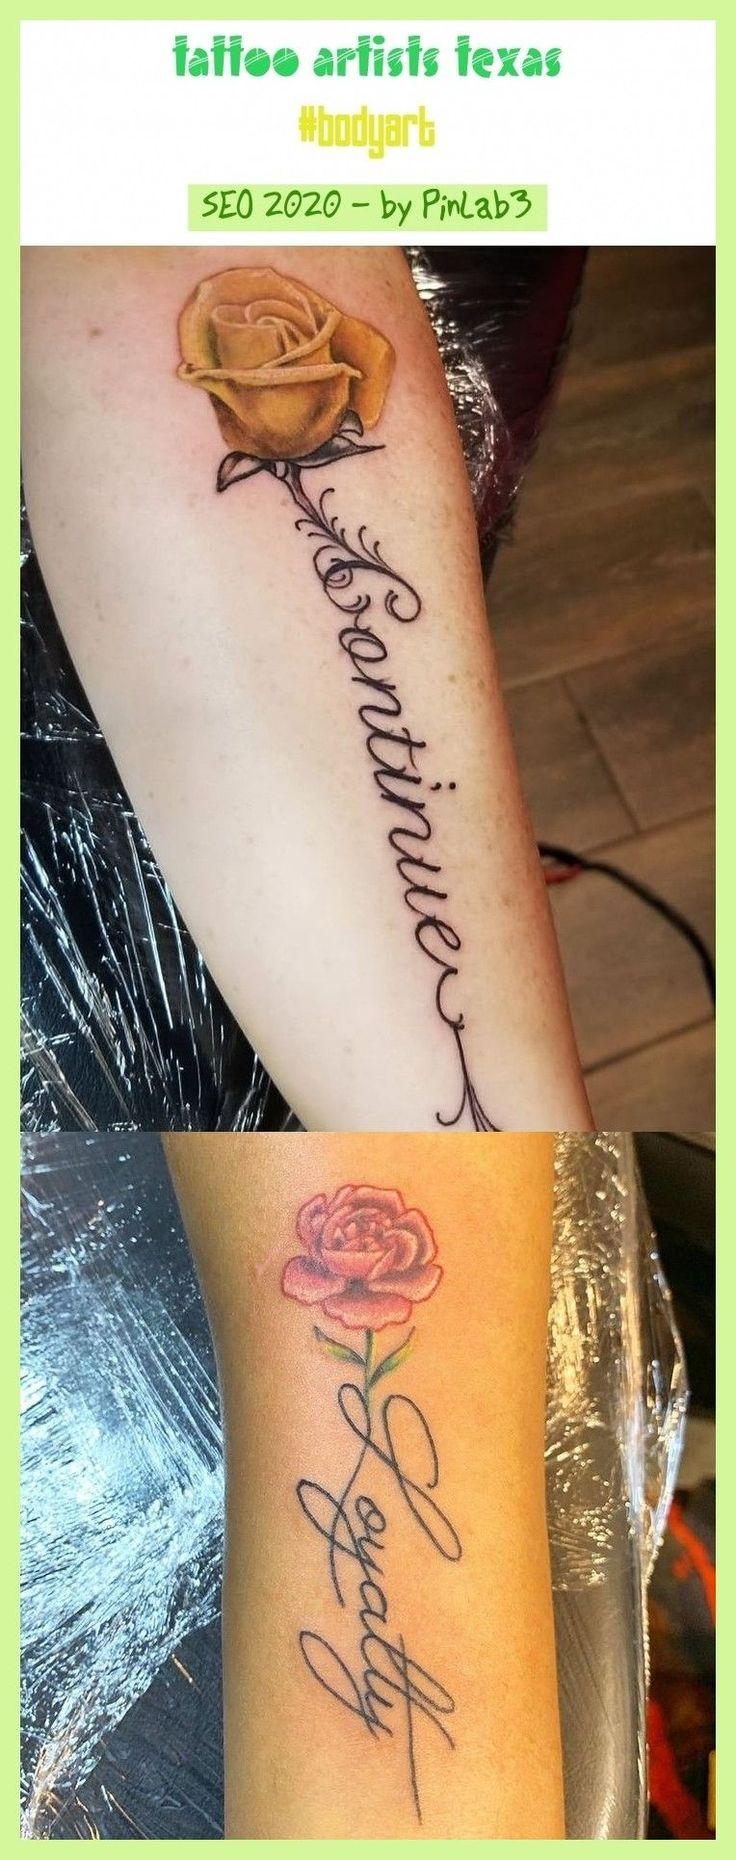 Tattoo artists texas bodyart tattoos tattoo artists